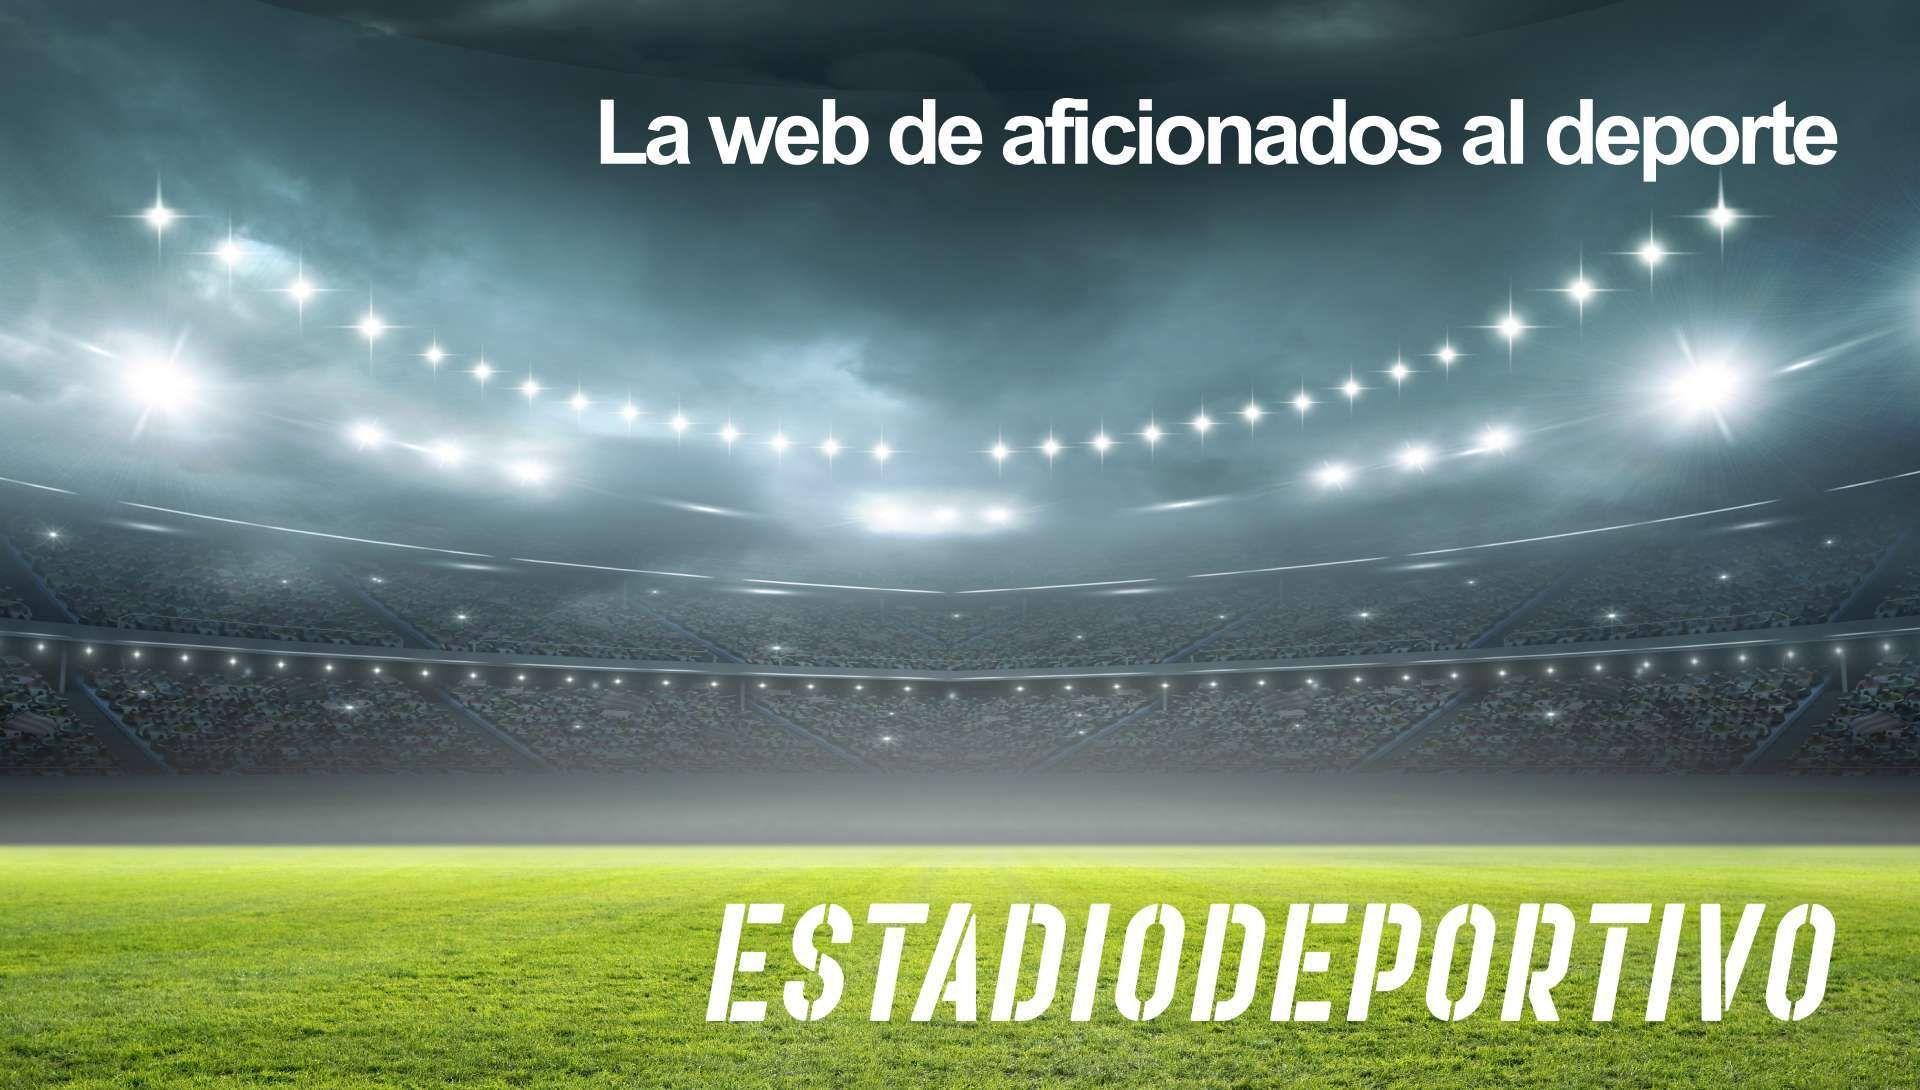 Las portadas del sábado 25 de septiembre